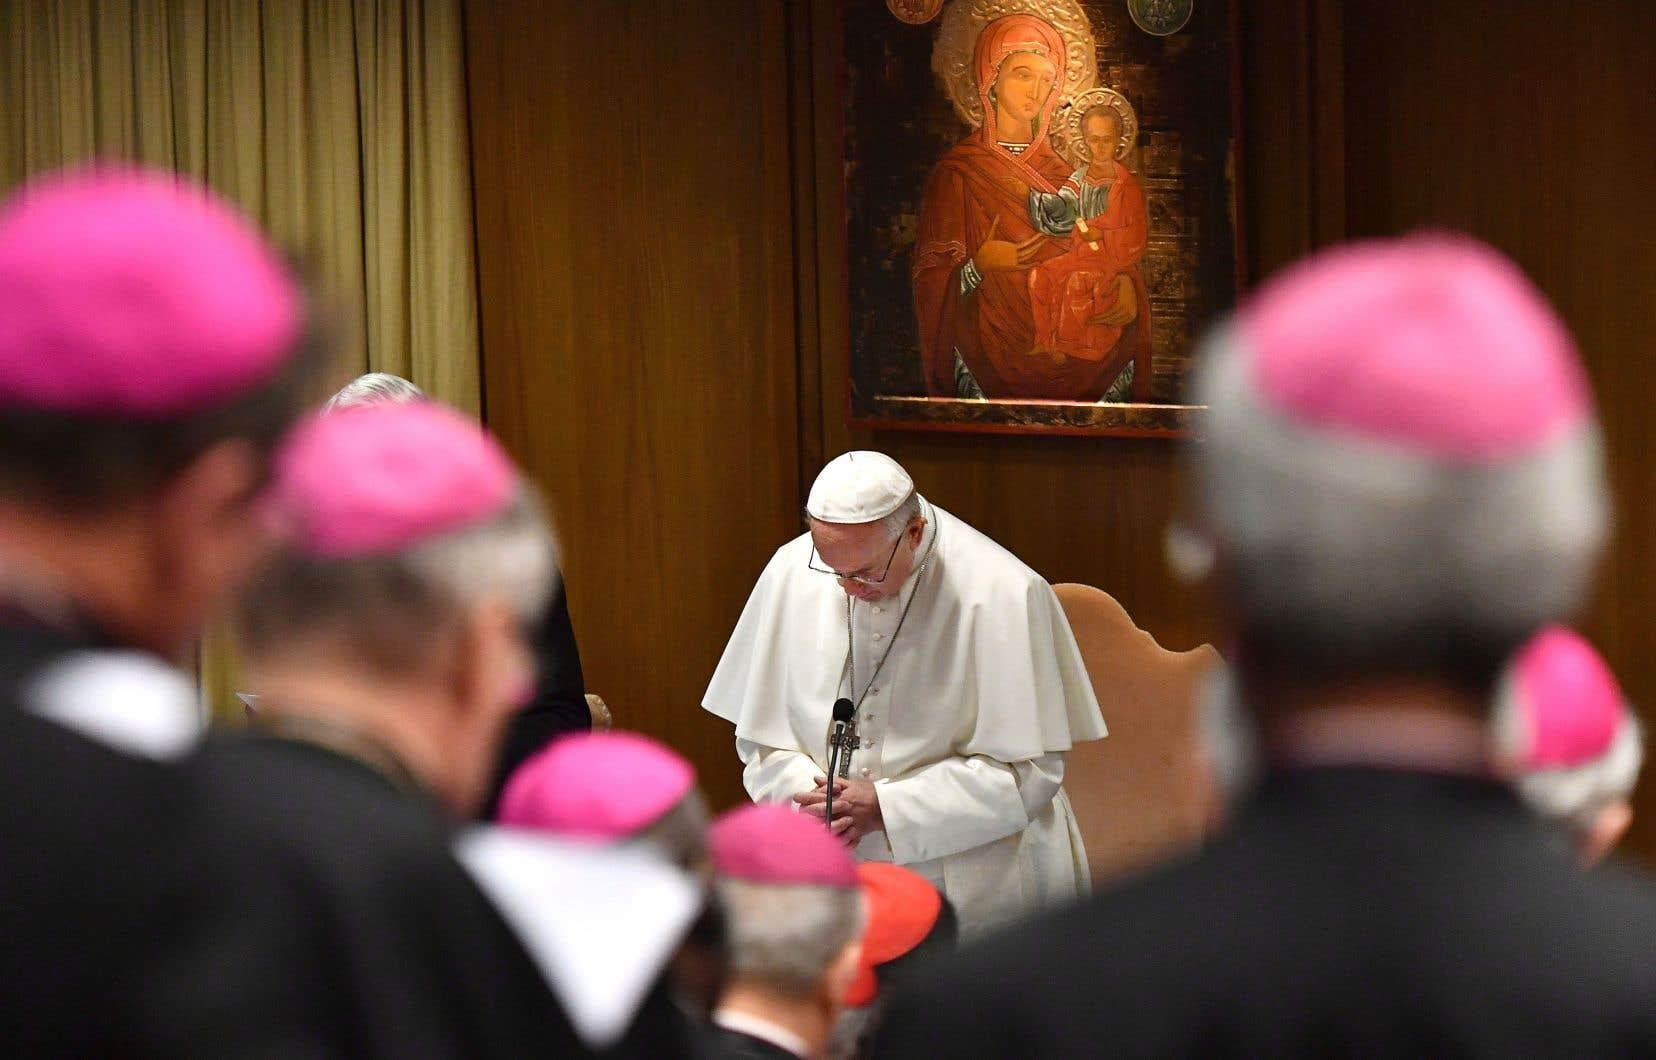 Un document répertoriant 21points de réflexion a été présenté jeudi par le pape à l'assemblée composée de hauts dirigeants de l'Église catholique.